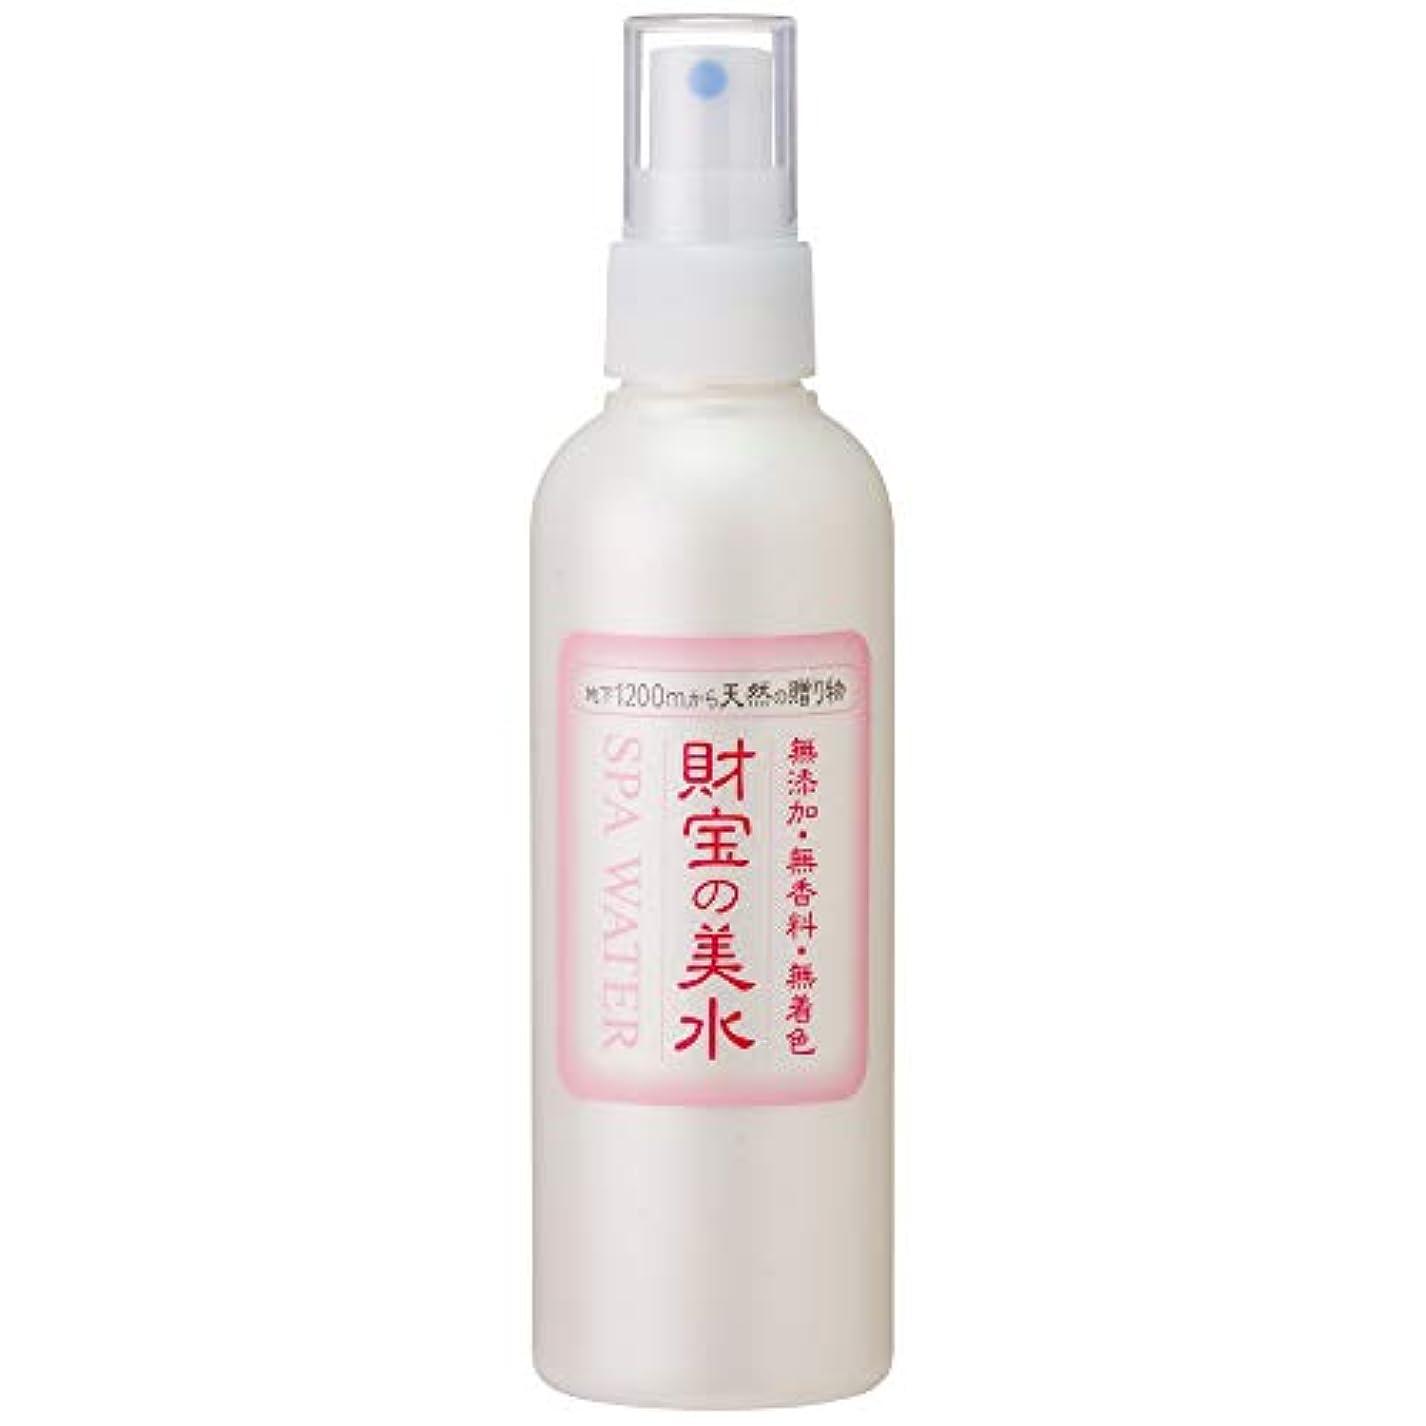 ラダこっそり所有権財宝 温泉 美水 ミスト 化粧水 200ml